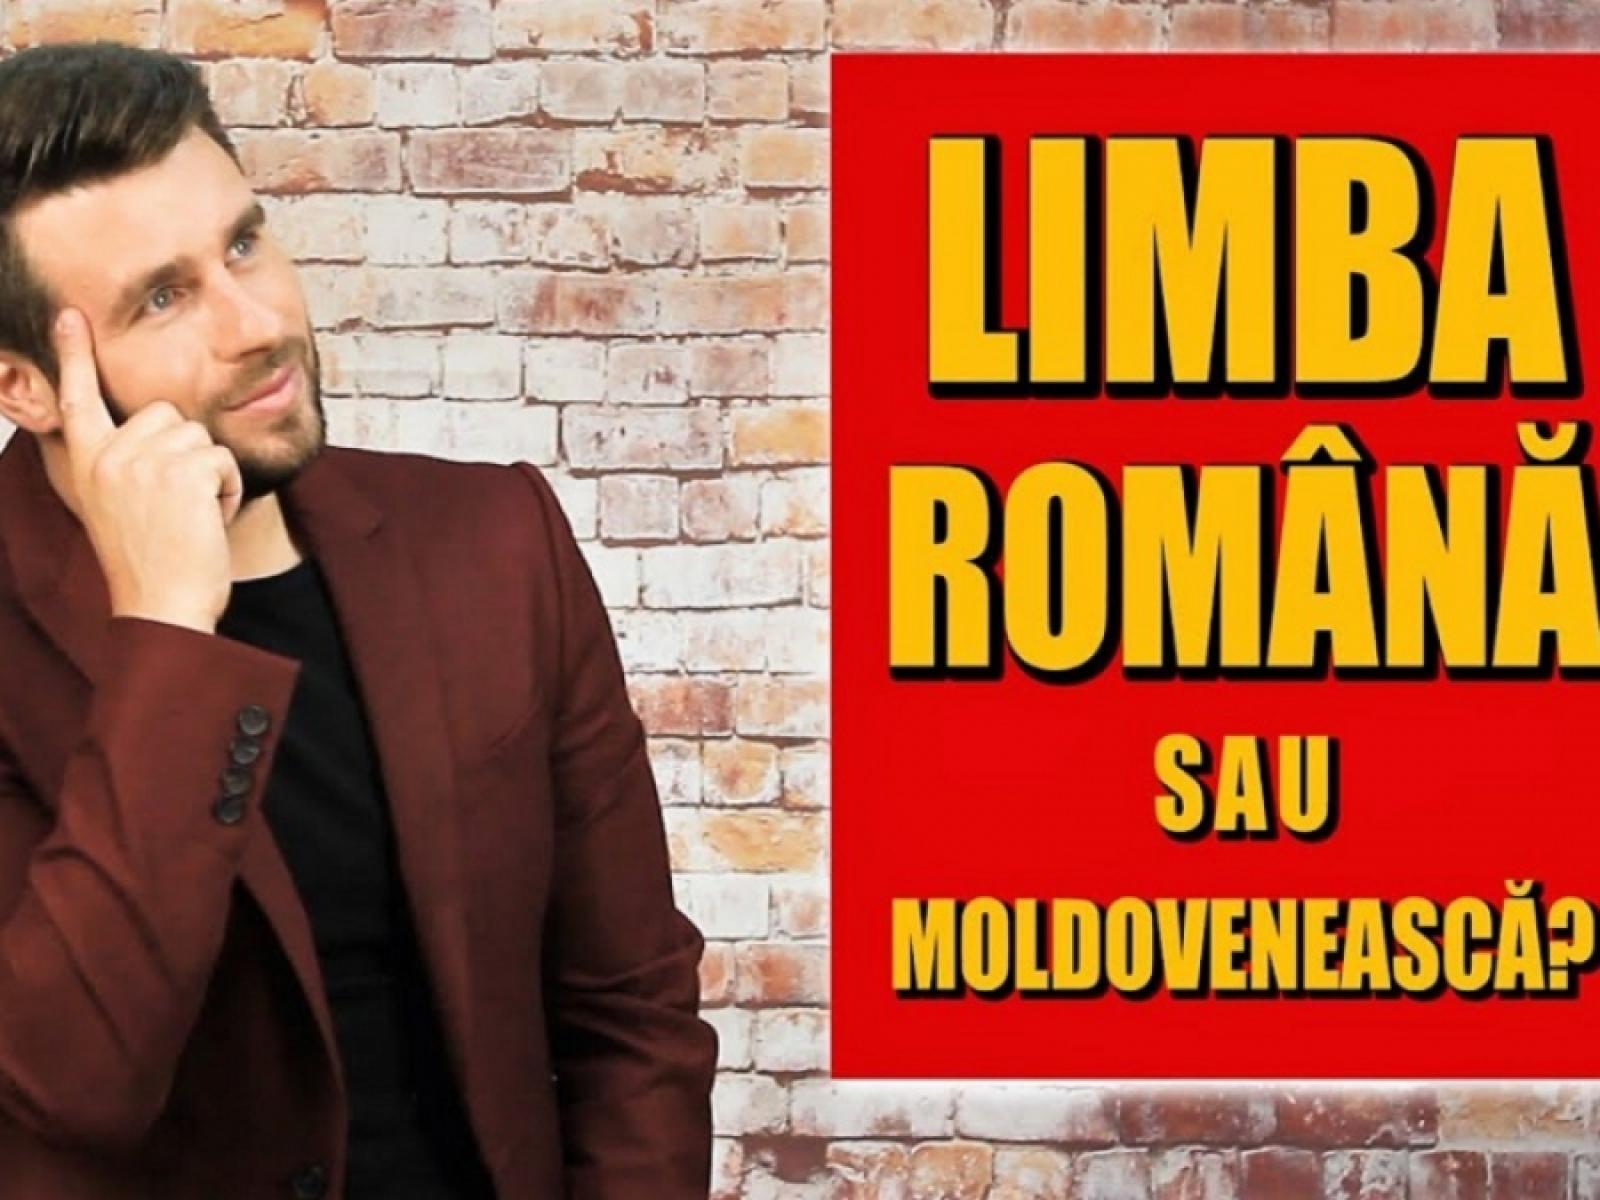 """DESPERE """"LIMBA MOLDOVENEASCĂ"""", ANNO DOMINI 2021 (DIN PĂCATE)"""